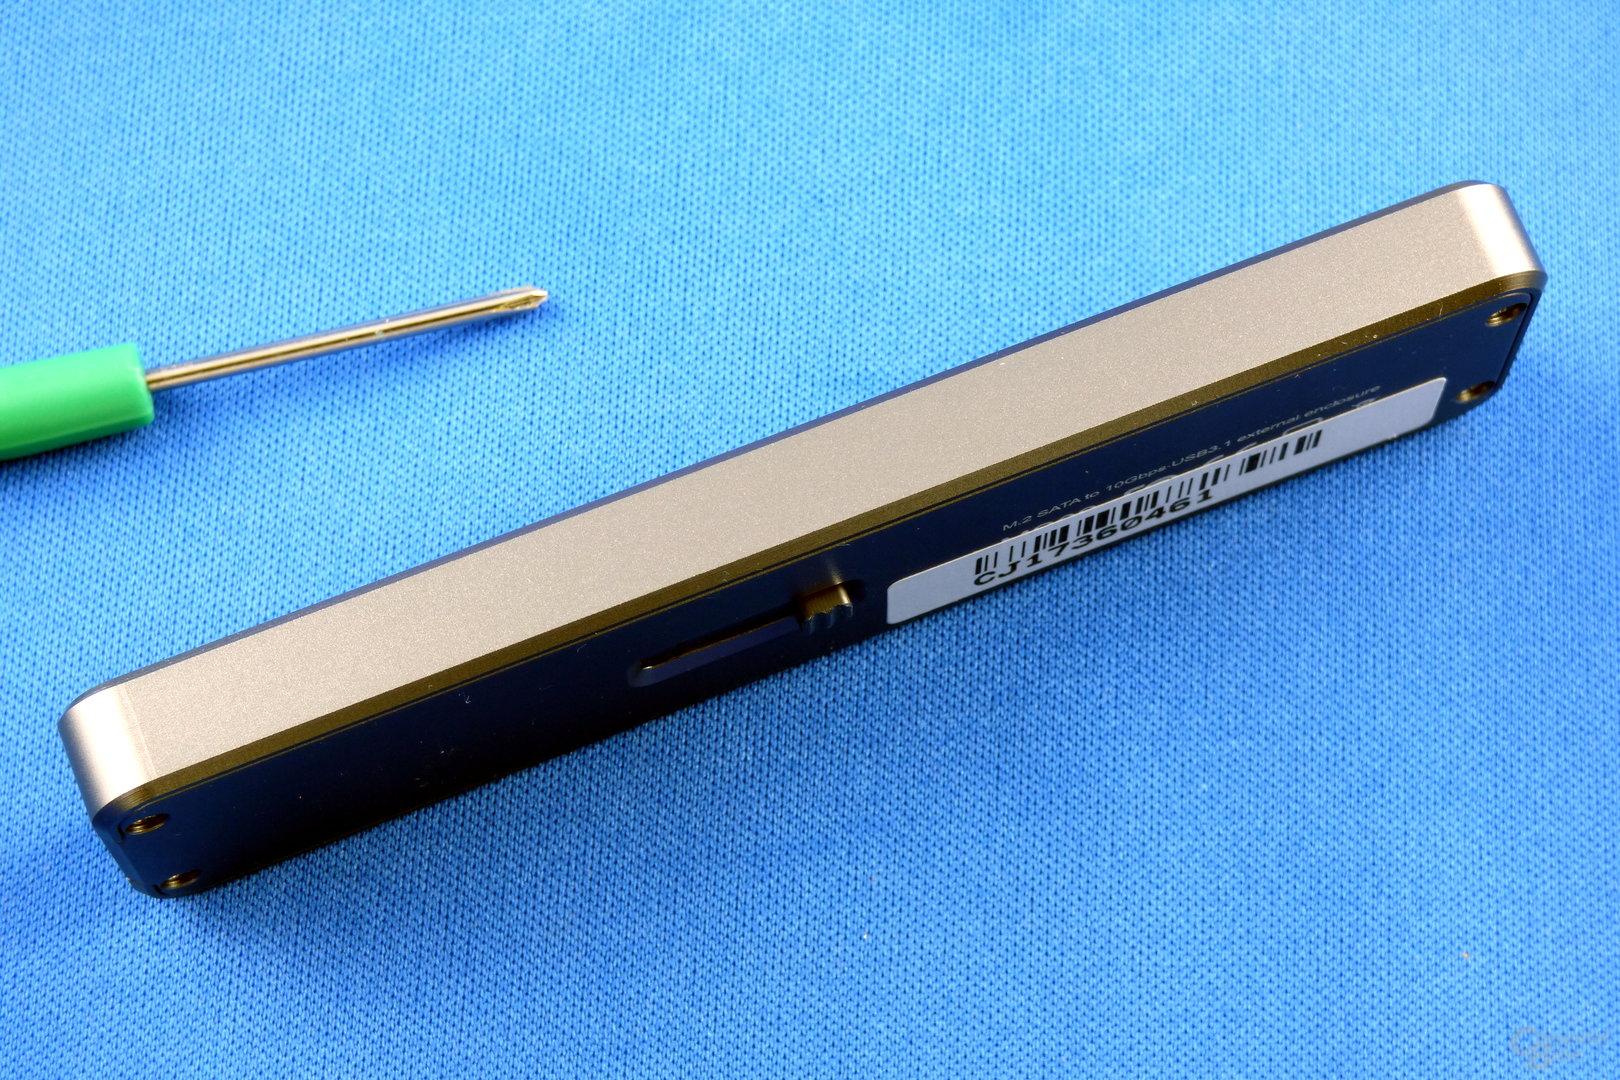 SilverStone MS09: Flache Bauweise mit 9 mm Höhe